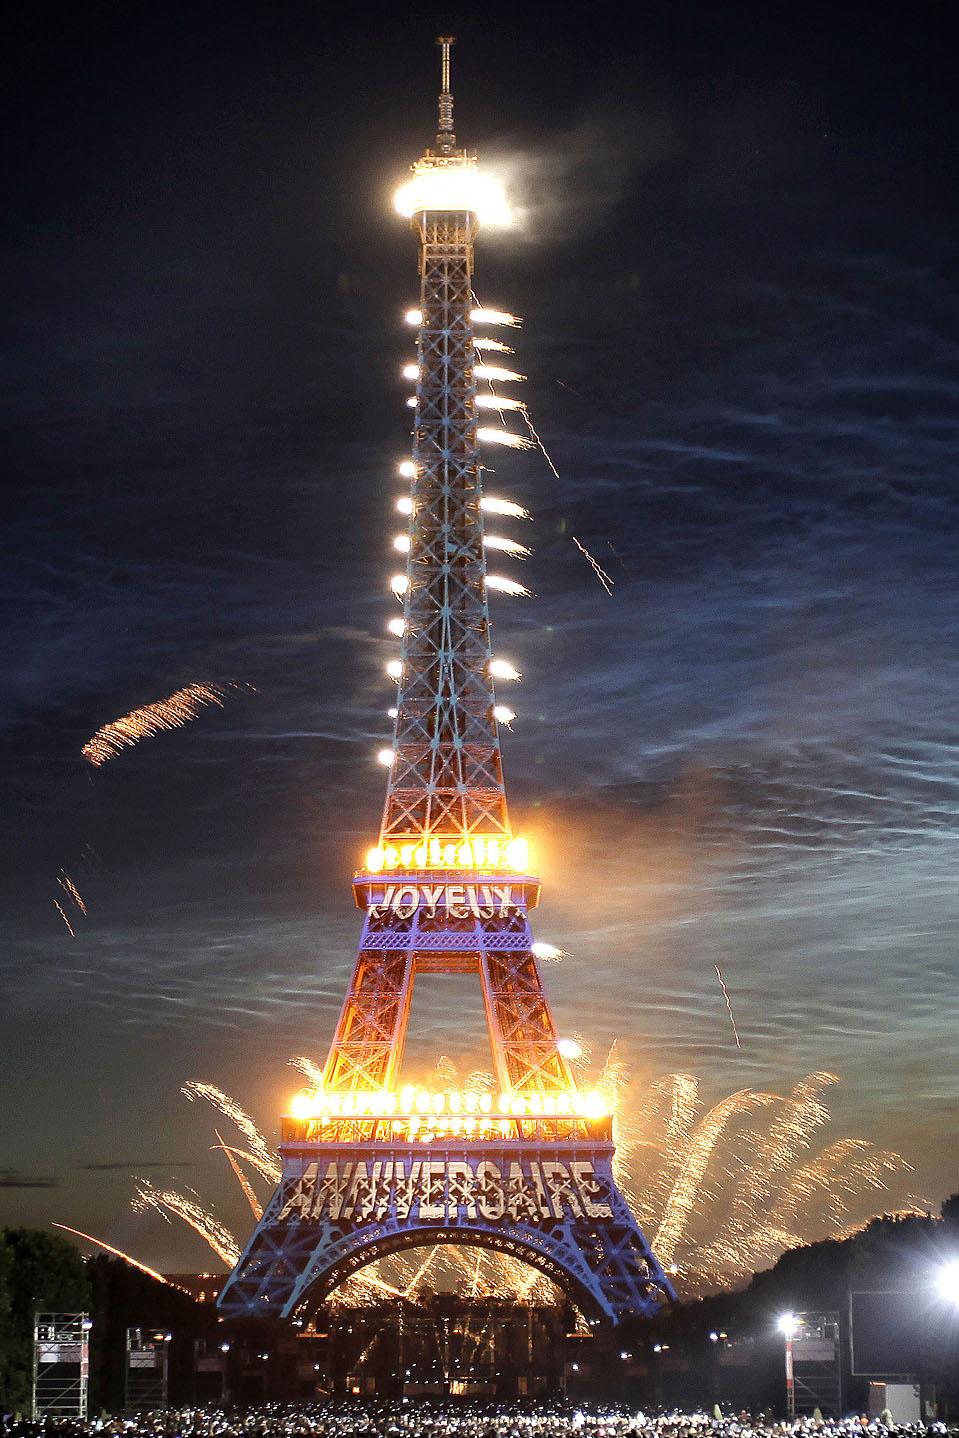 Фейерверк над Эйфелевой башней в Париже во время празднования дня взятия Бастилии. Надпись на башне «С днем рожденья» (Thibault Camus/Associated Press)